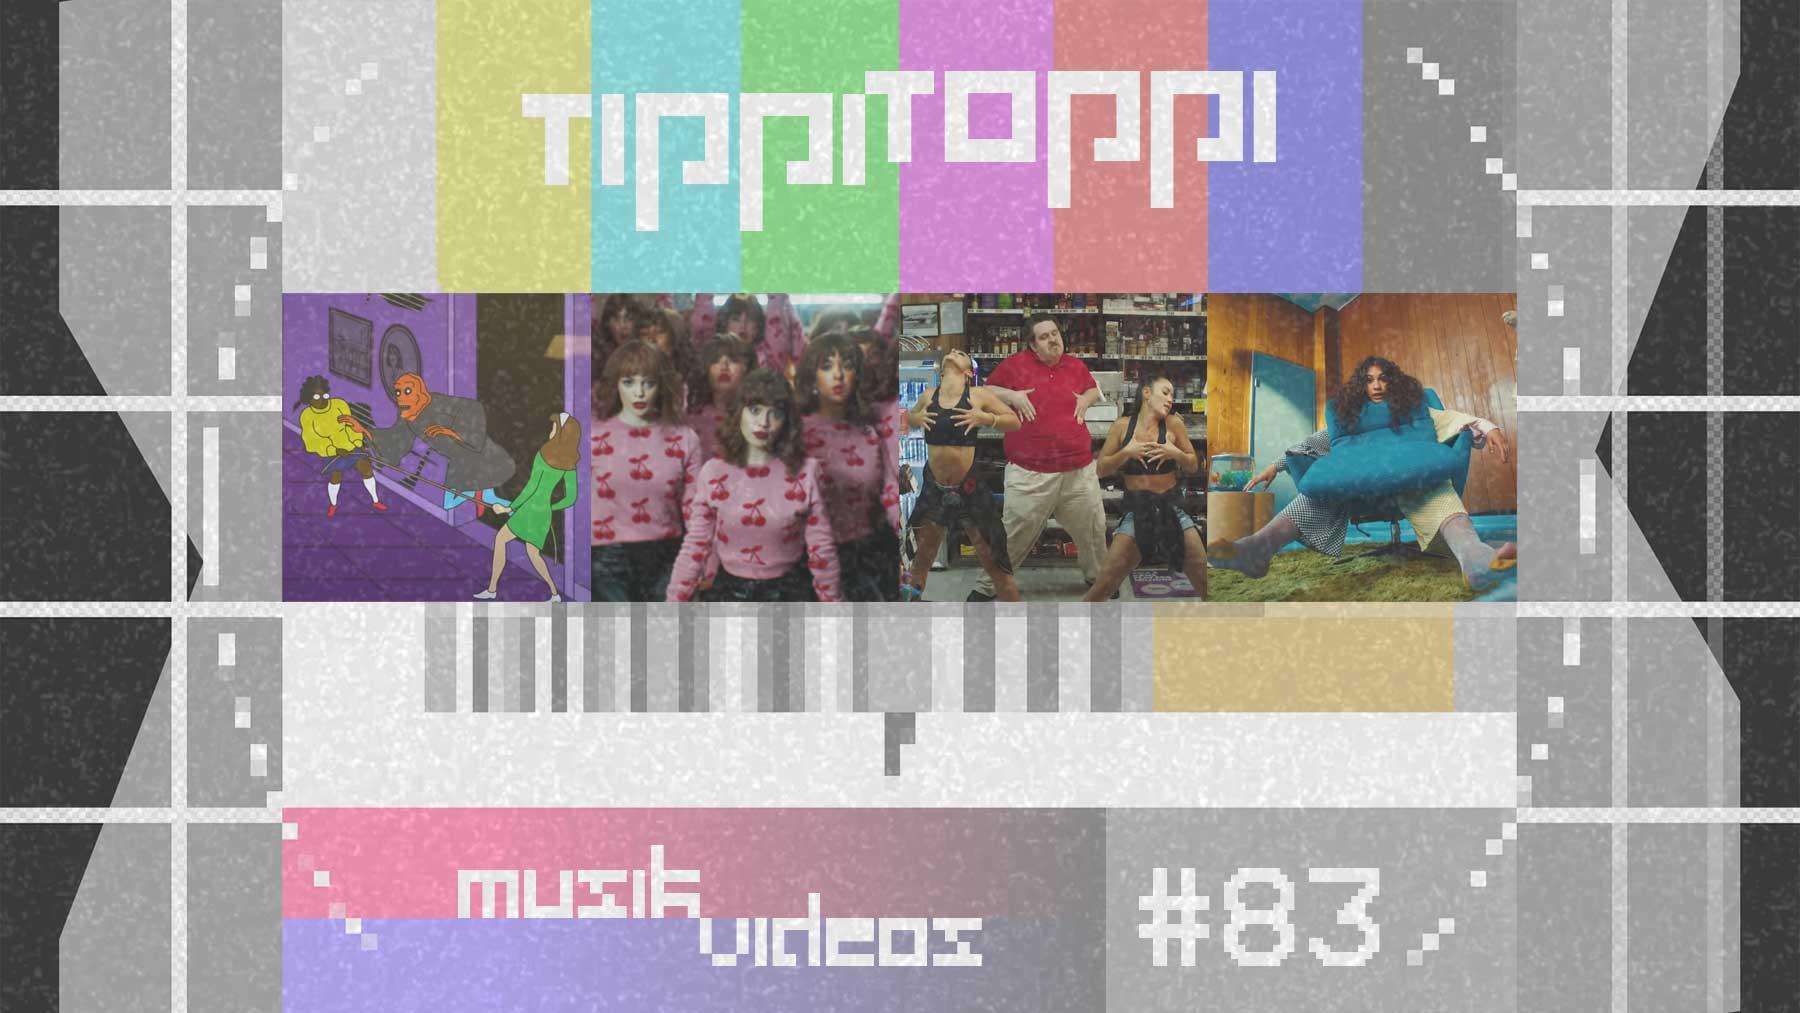 Tippi Toppi Musikvideos Vol. 83